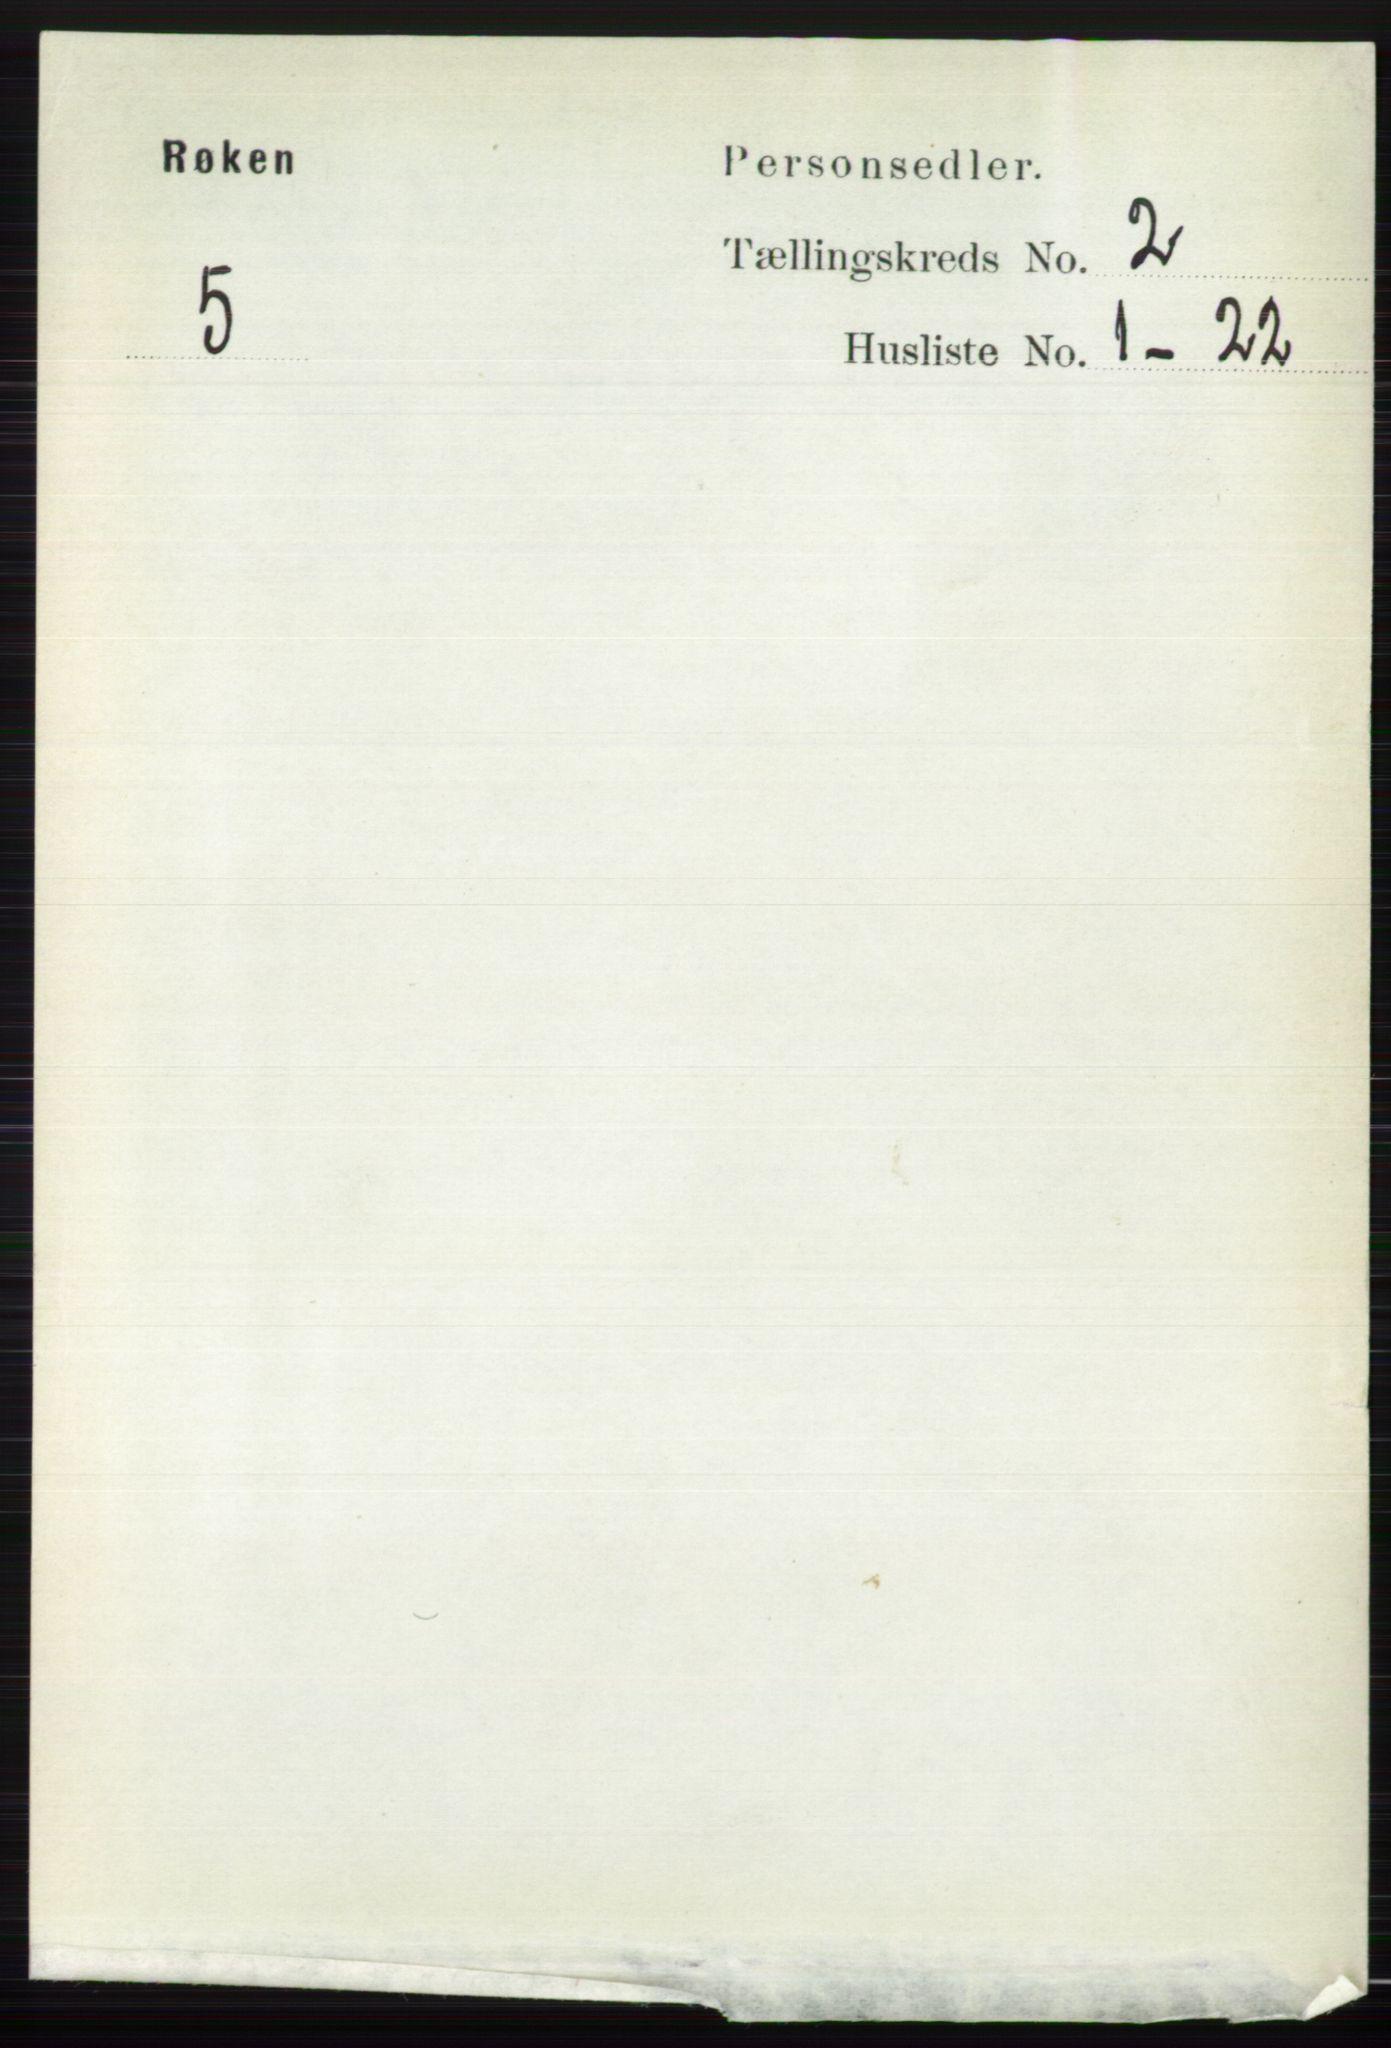 RA, Folketelling 1891 for 0627 Røyken herred, 1891, s. 547